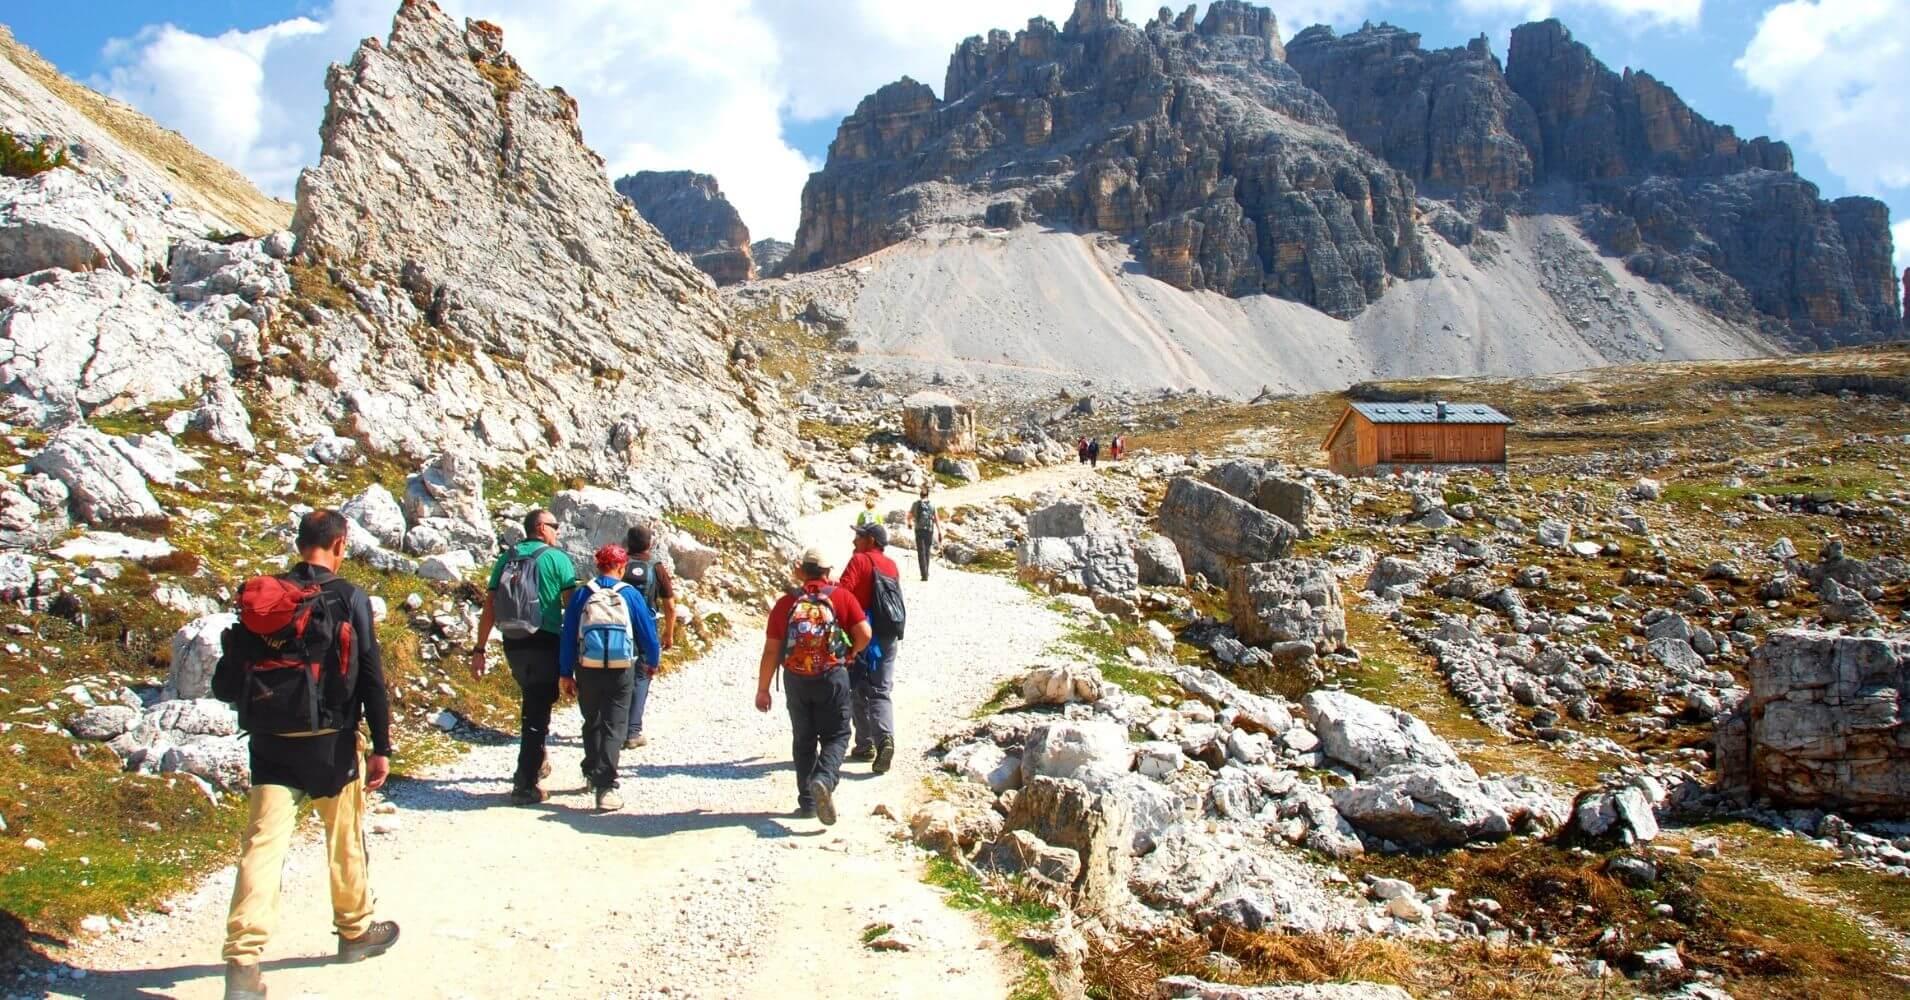 Camino al Refugio de Lavaredo. Alpes Dolomias. Tres Cimas de Lavaredo. Belluno, Véneto. Italia.